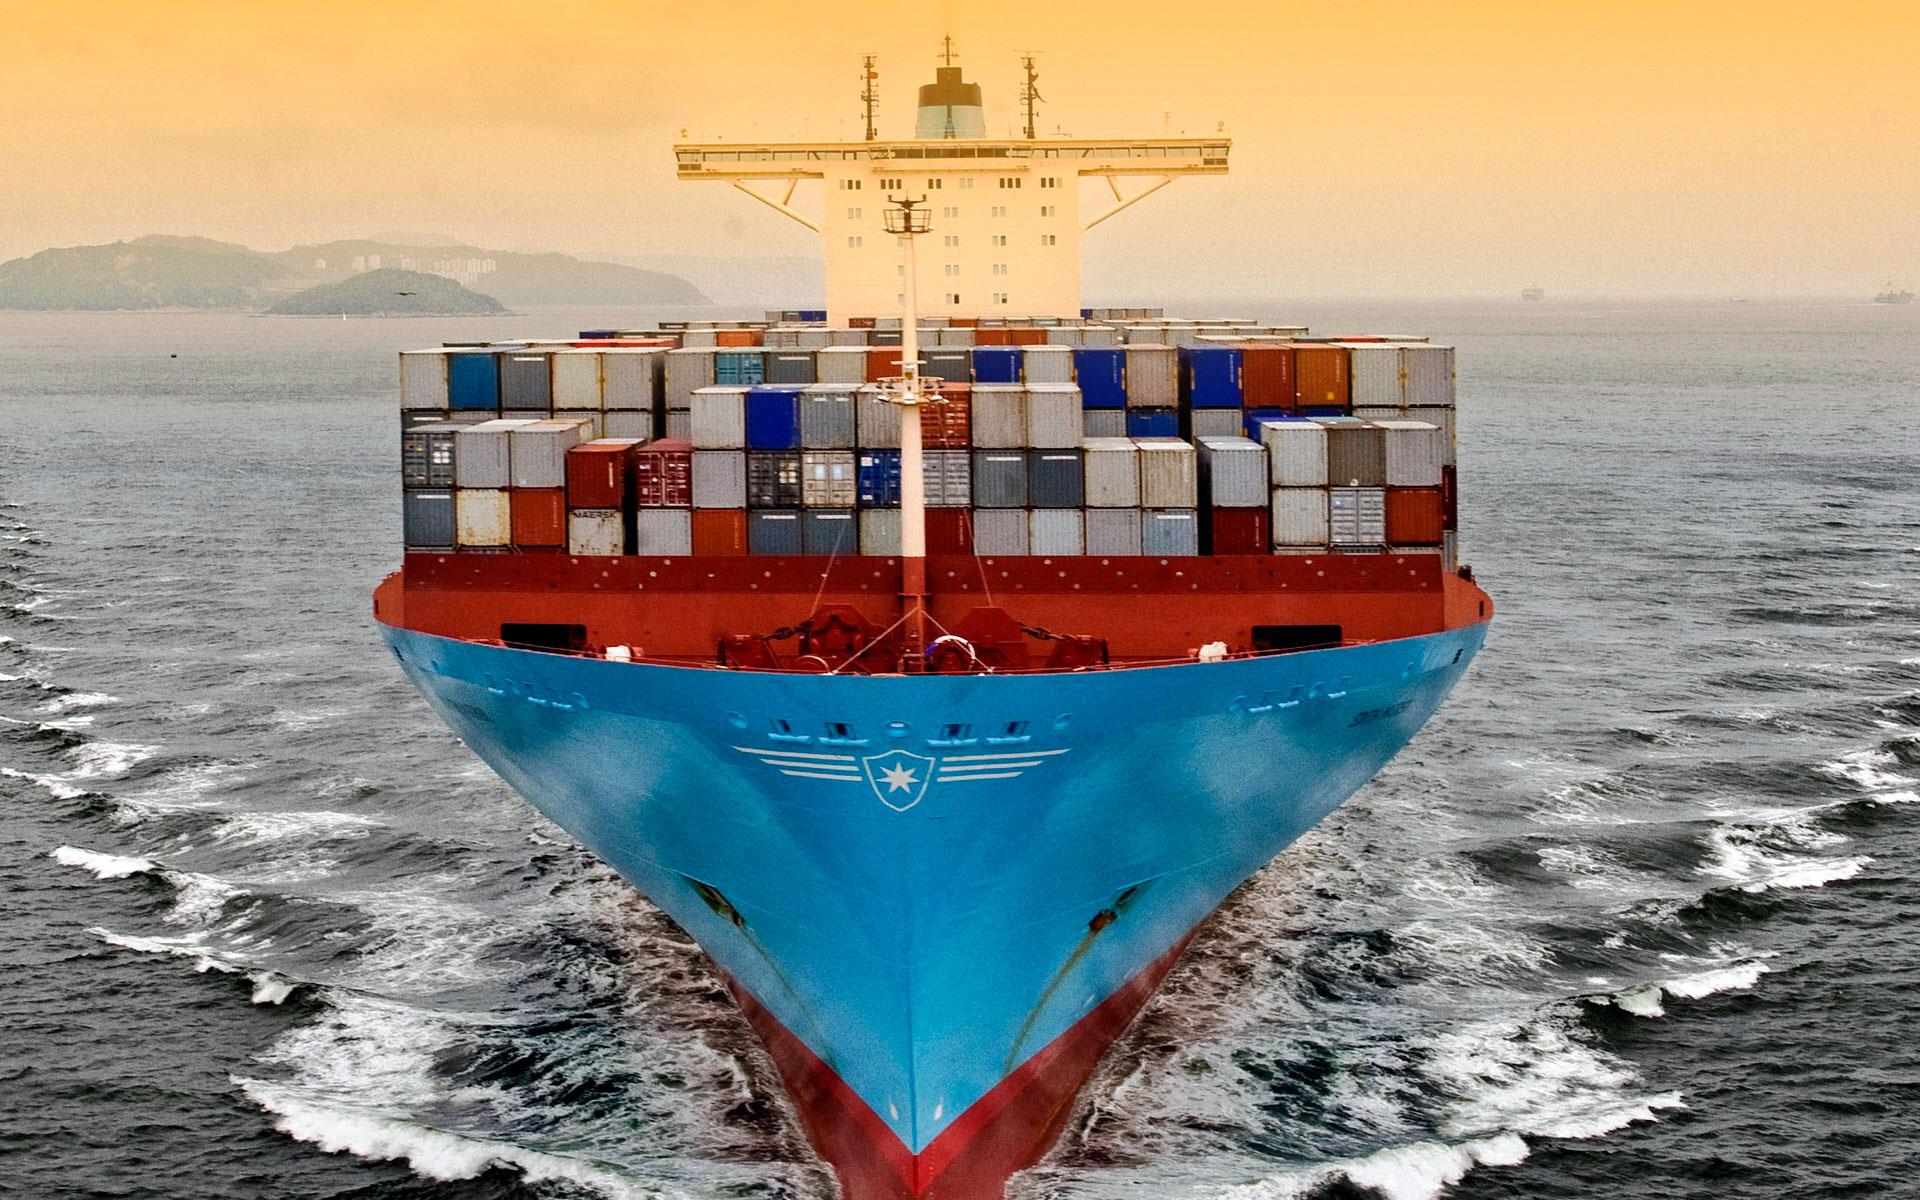 контейнерные перевозки кораблём